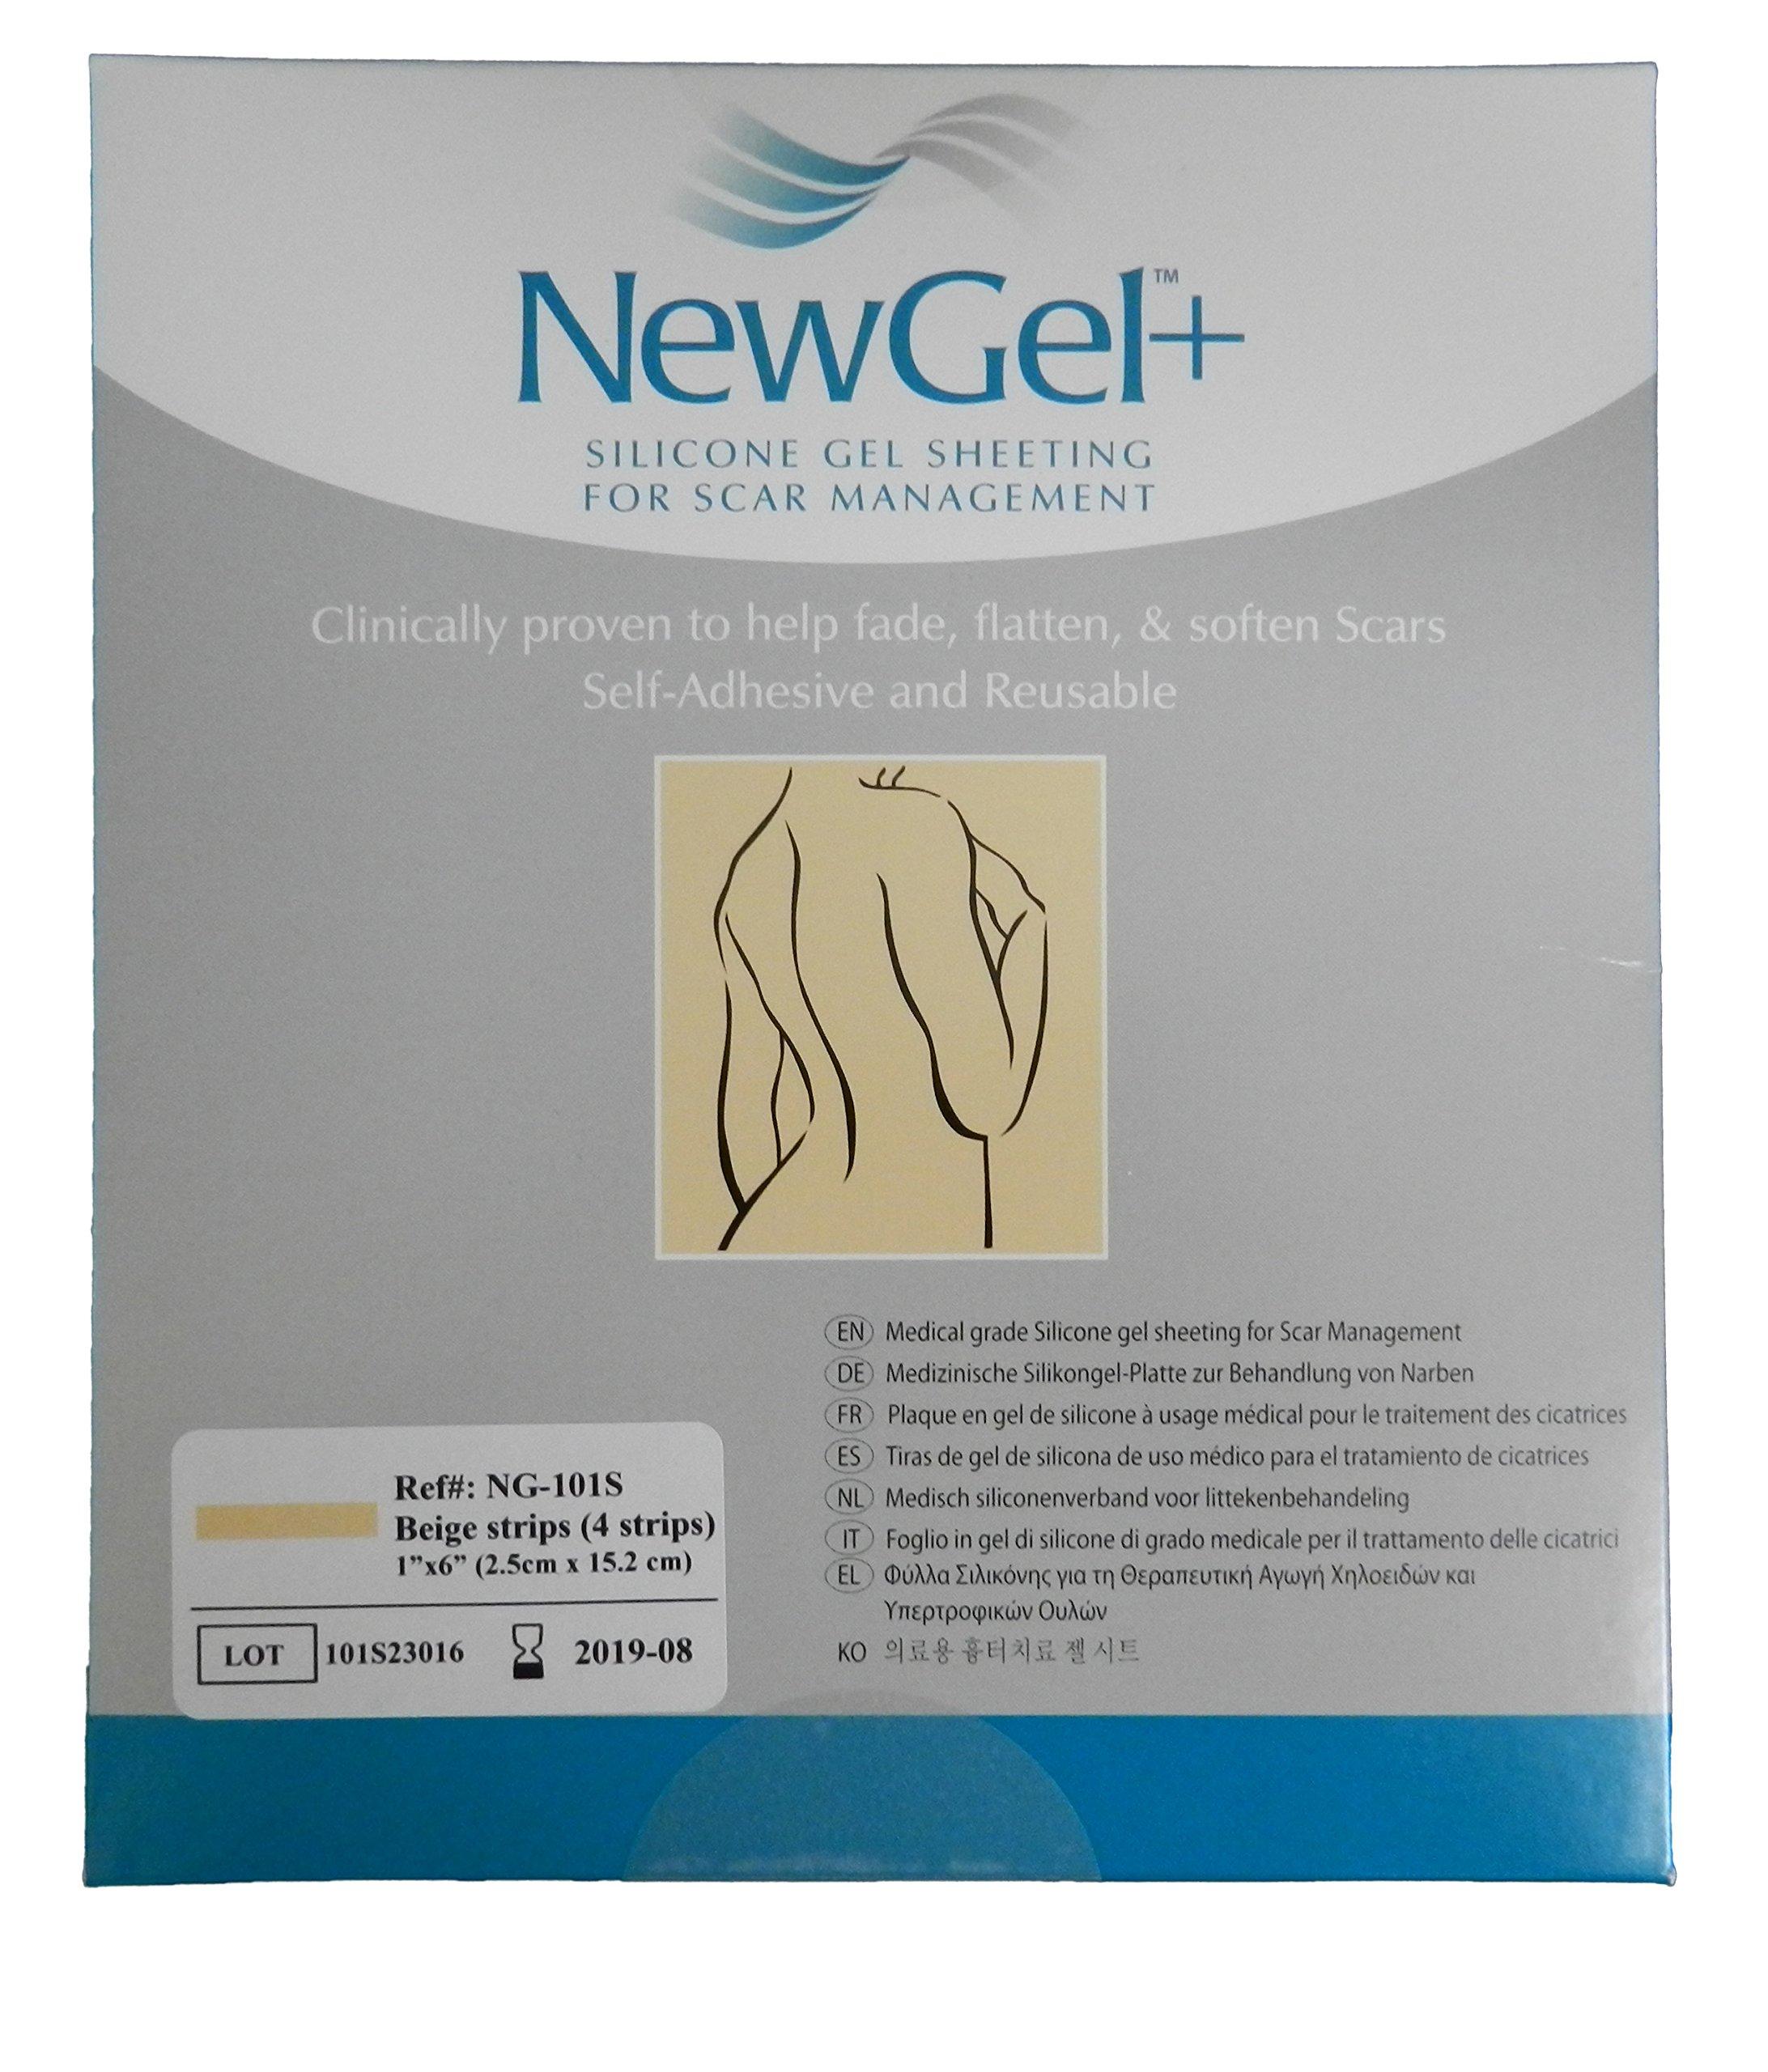 NewGel+ Silicone Gel Strips for Scar Management - 1inch x 6inch Strips Beige (4 per box)